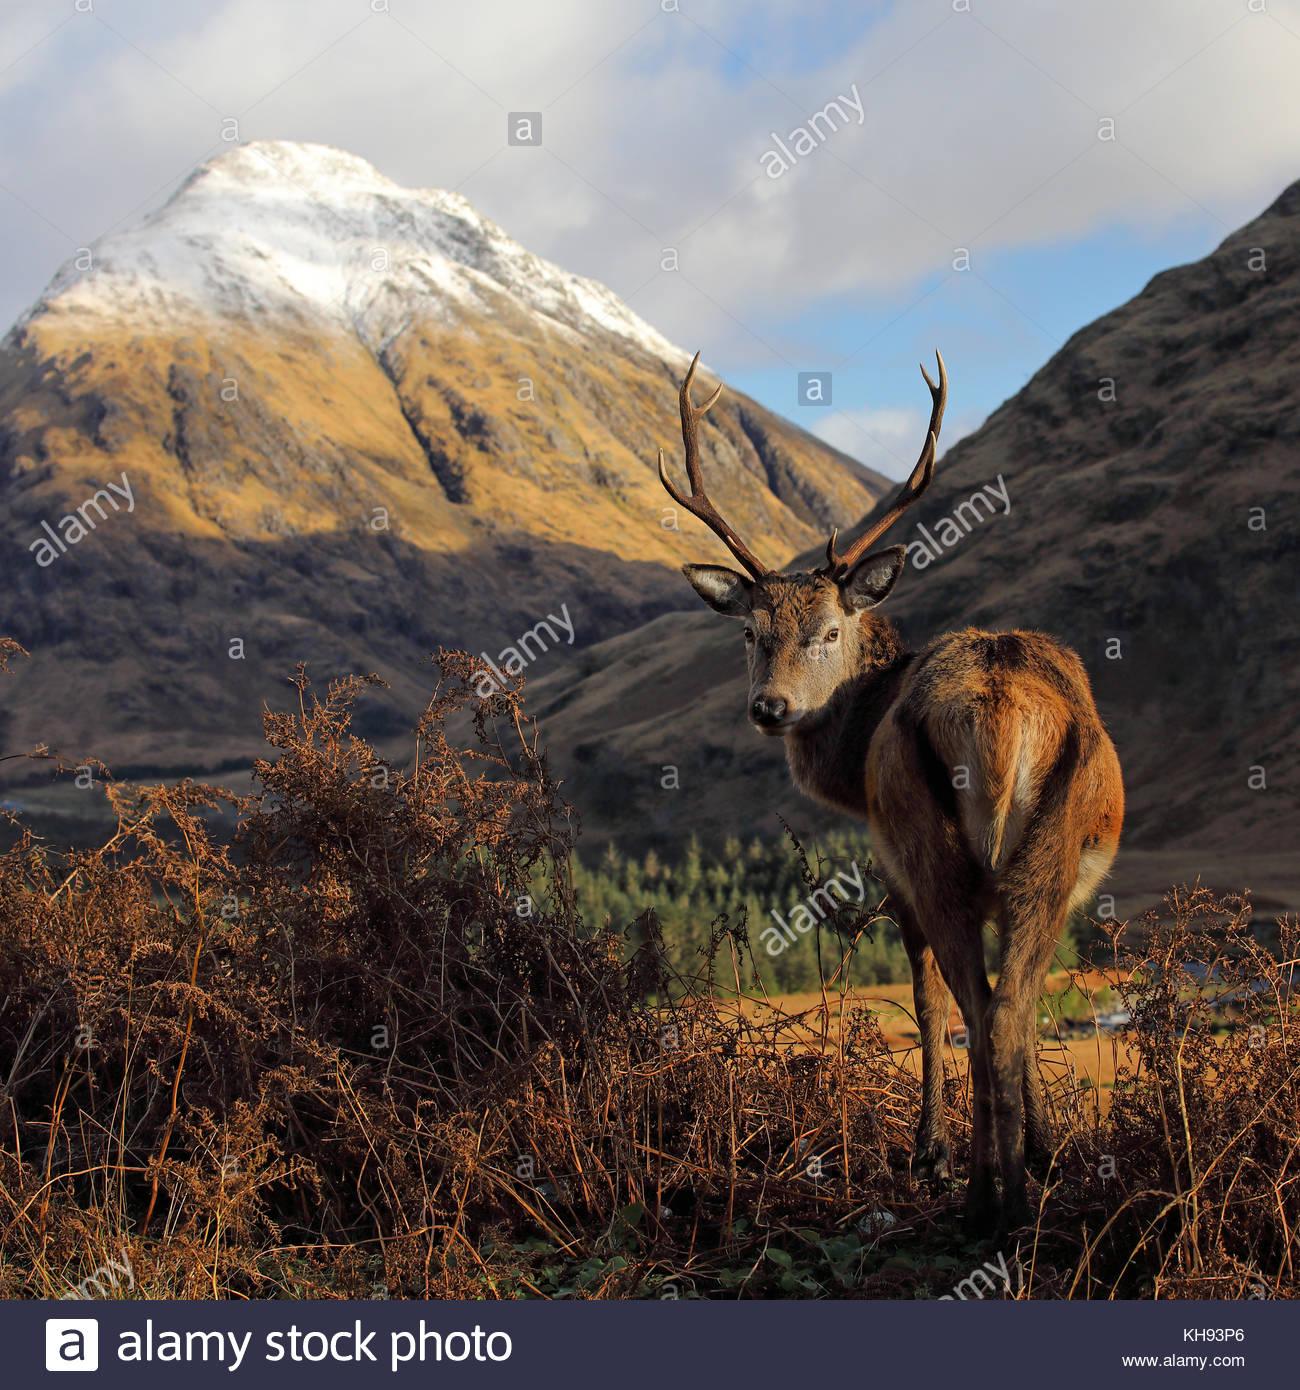 Un cervo rosso cervo in piedi di fronte a un snoe montagna ricoperte nelle Highlands Scozzesi. Foto Stock